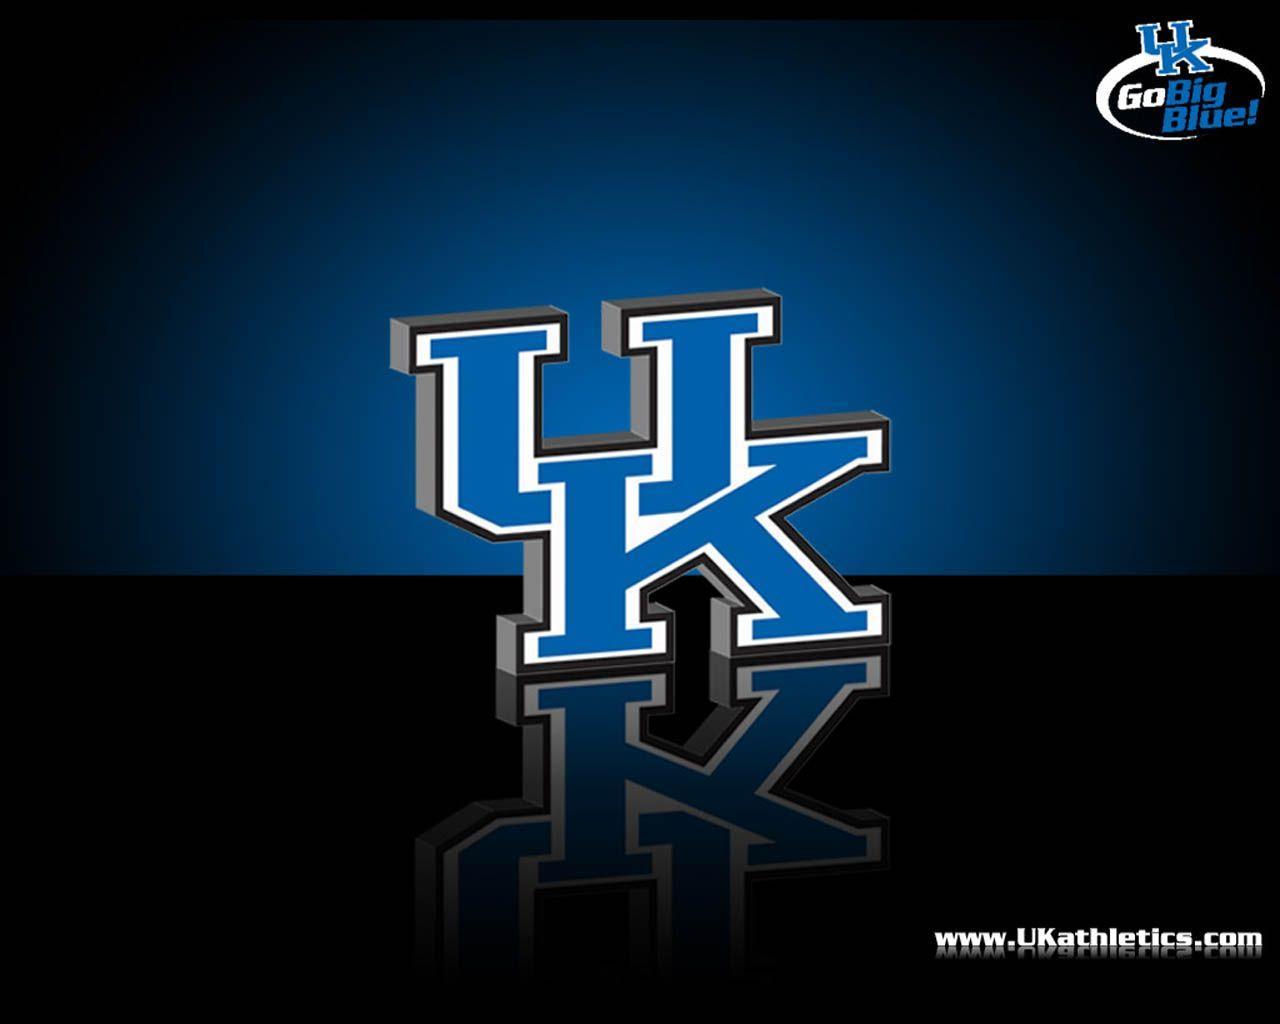 Kentucky Basketball Wallpapers: Kentucky Wildcats Men's Basketball Wallpapers